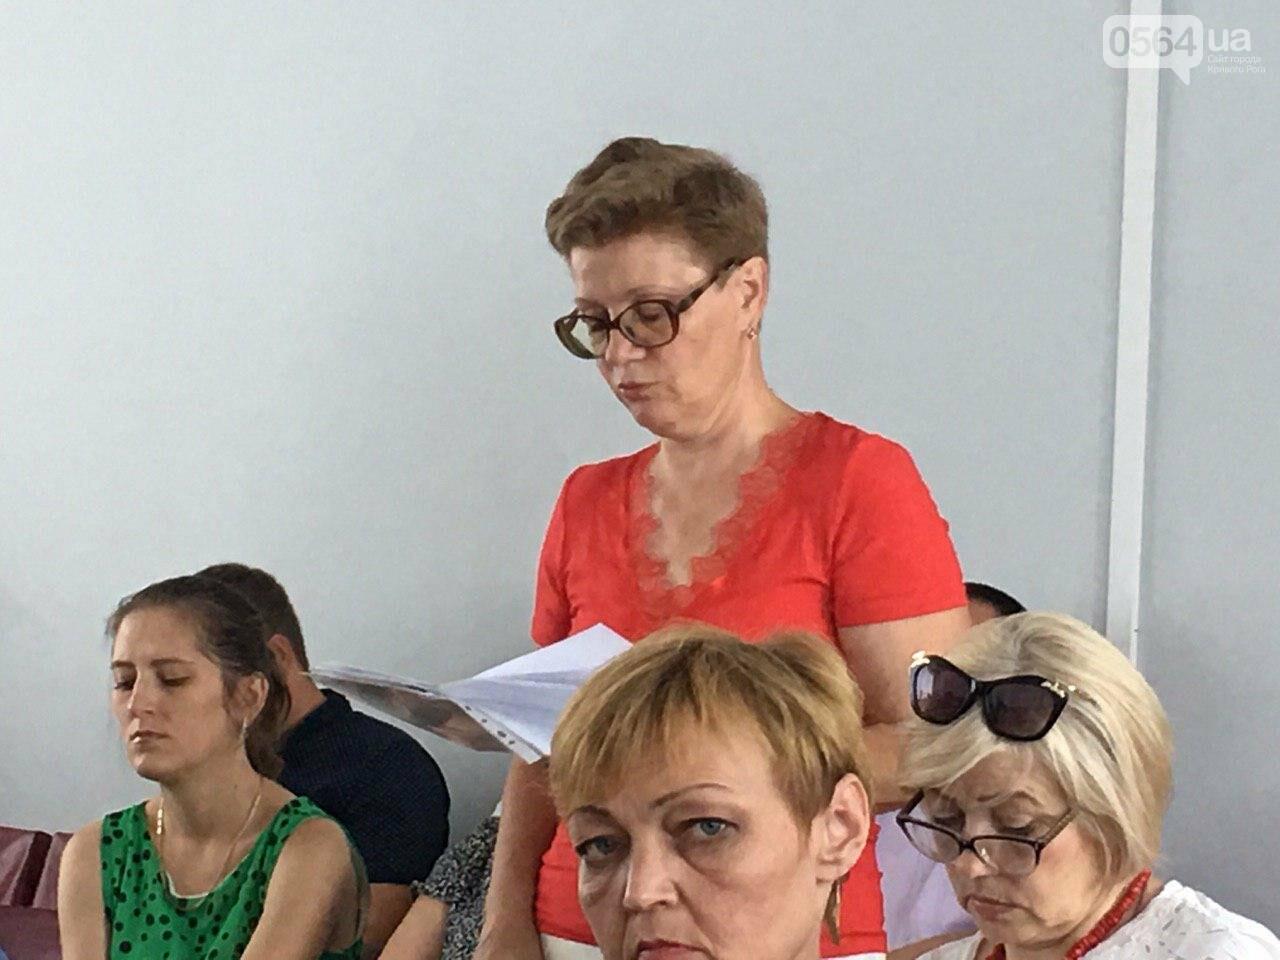 Криворожское КП пытается подготовится к отопительному сезону, несмотря на долг в полмиллиарда, - ФОТО , фото-34